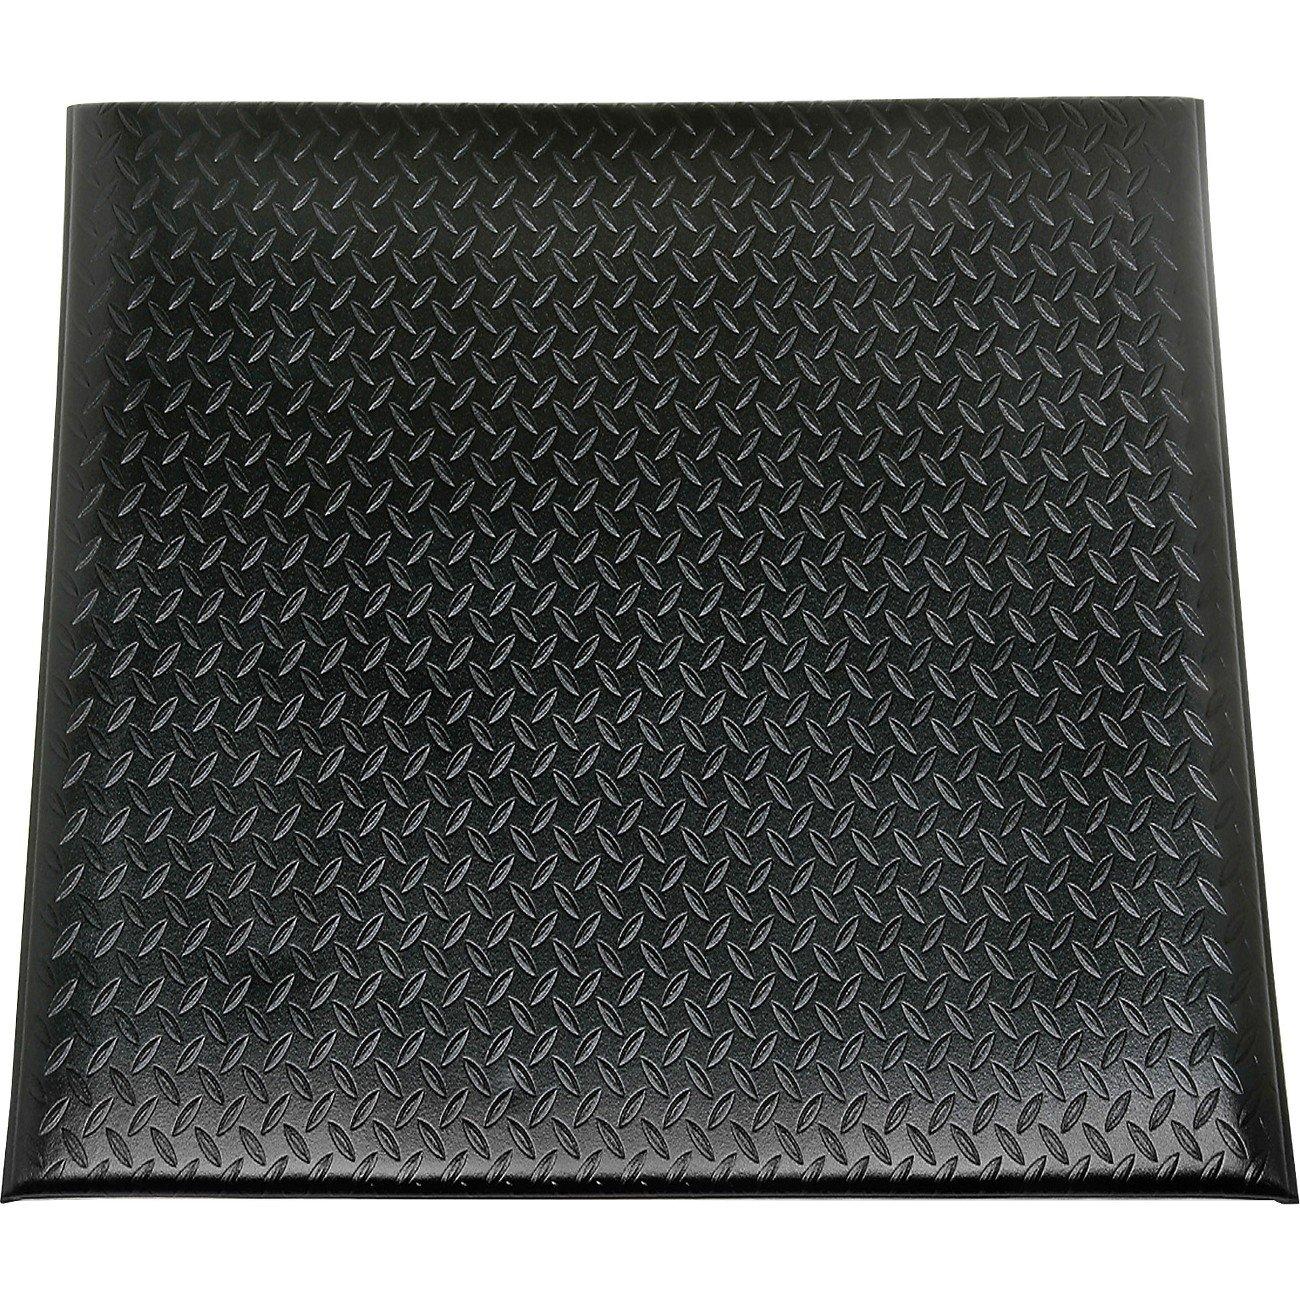 Skilcraft MAT, Floor, INDUSTRL, 2'X3', BK 2'X3' NIB - NISH